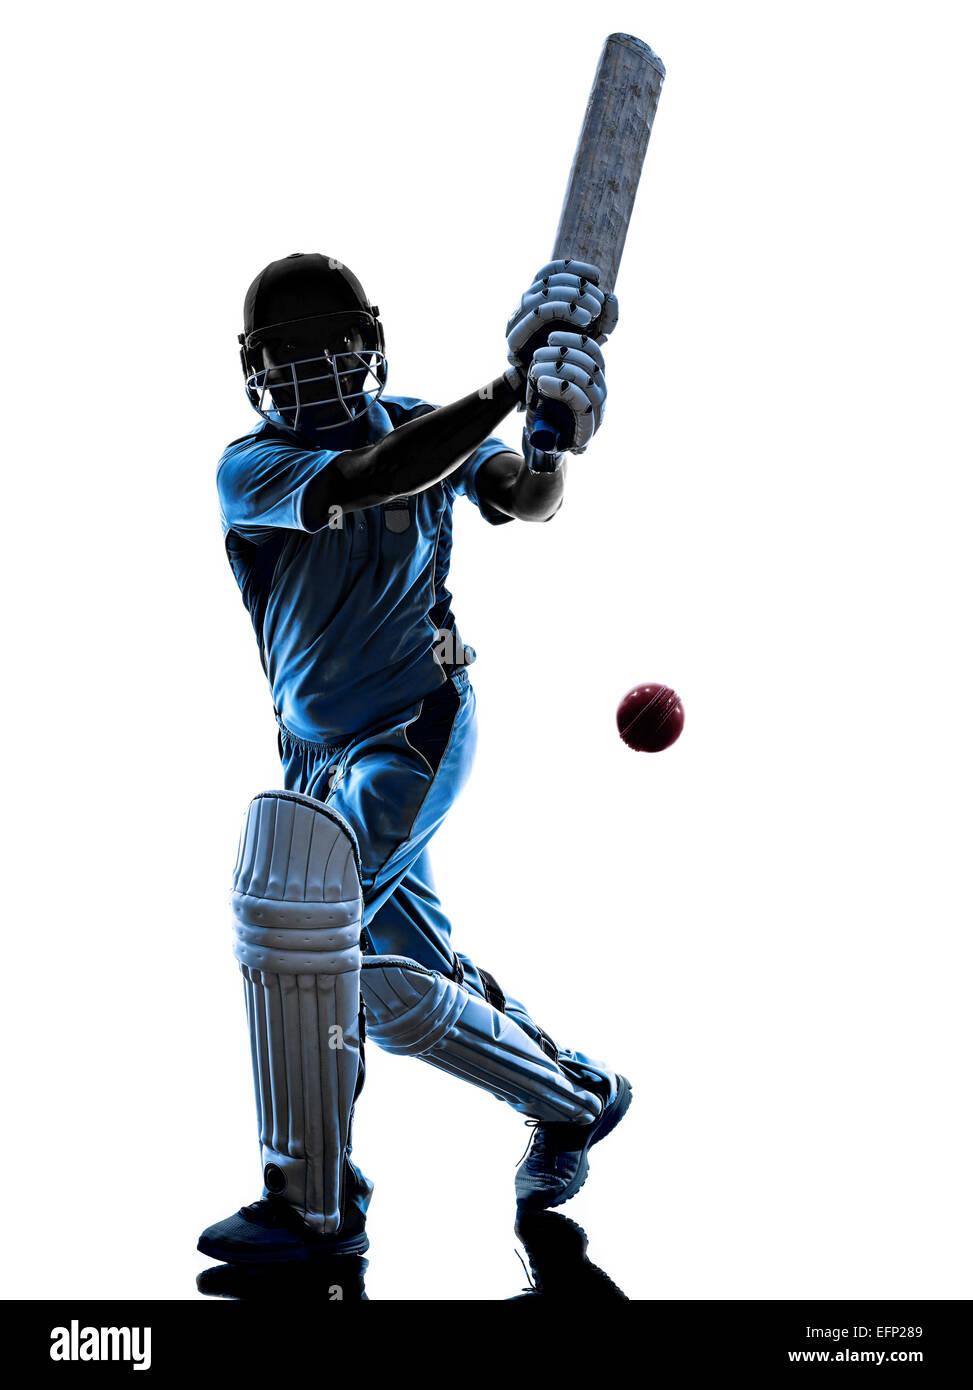 Jugador de cricket del bateador en silueta sombra sobre fondo blanco. Imagen De Stock